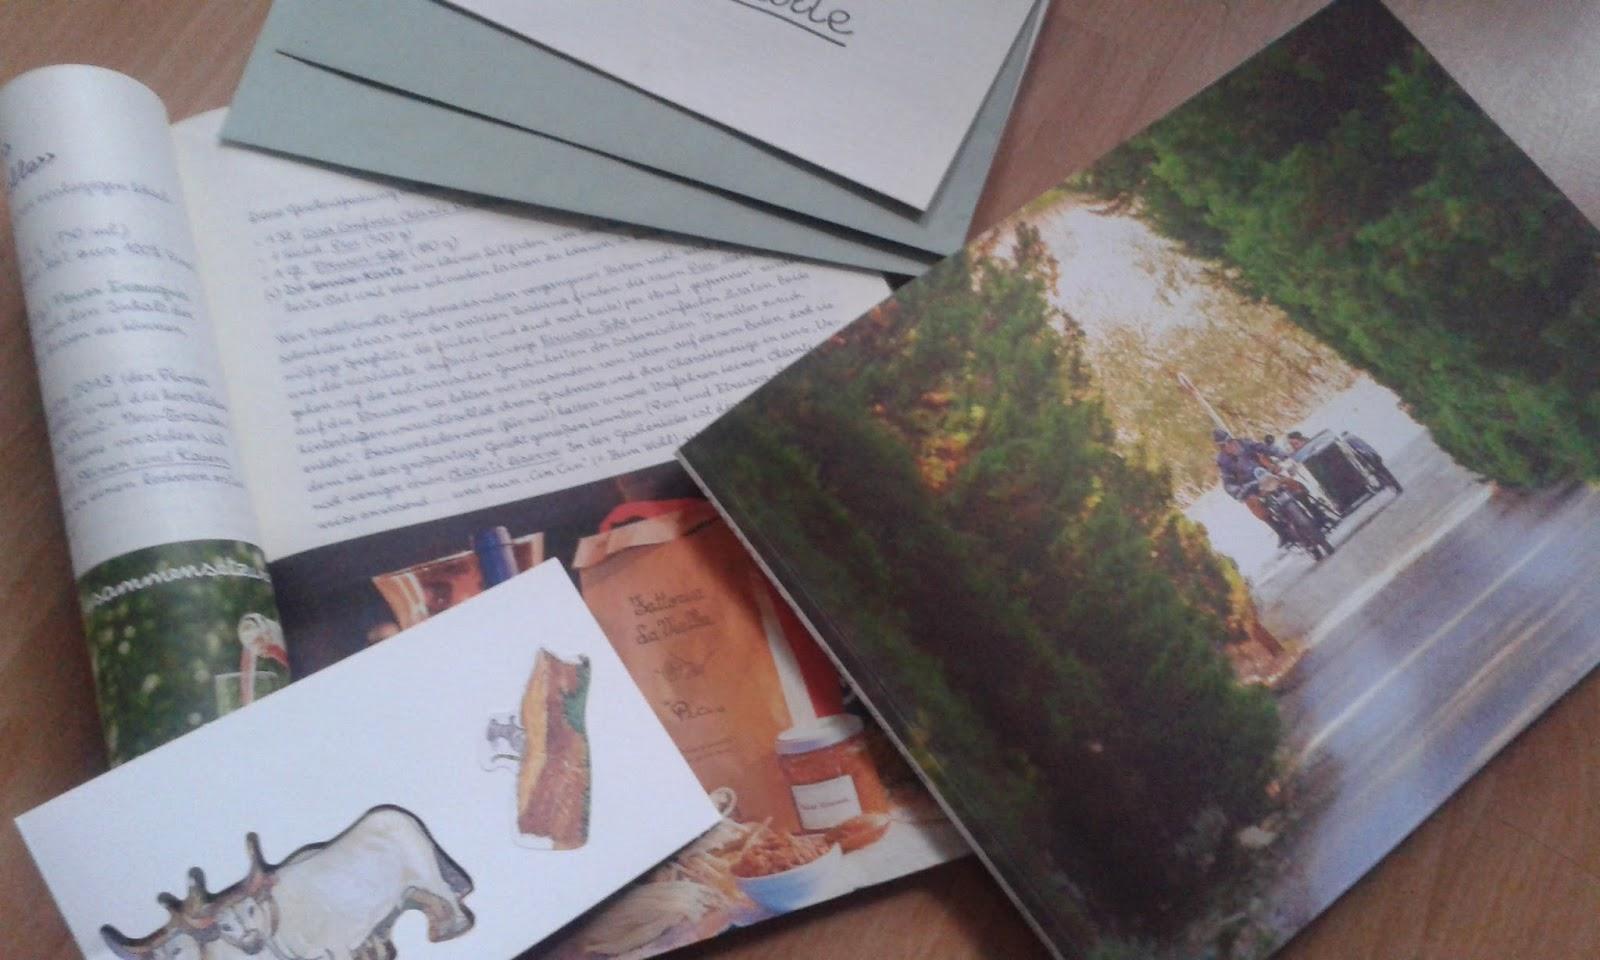 mysterytestgirl 1 advent gewinnt mit der fattoria vialla. Black Bedroom Furniture Sets. Home Design Ideas